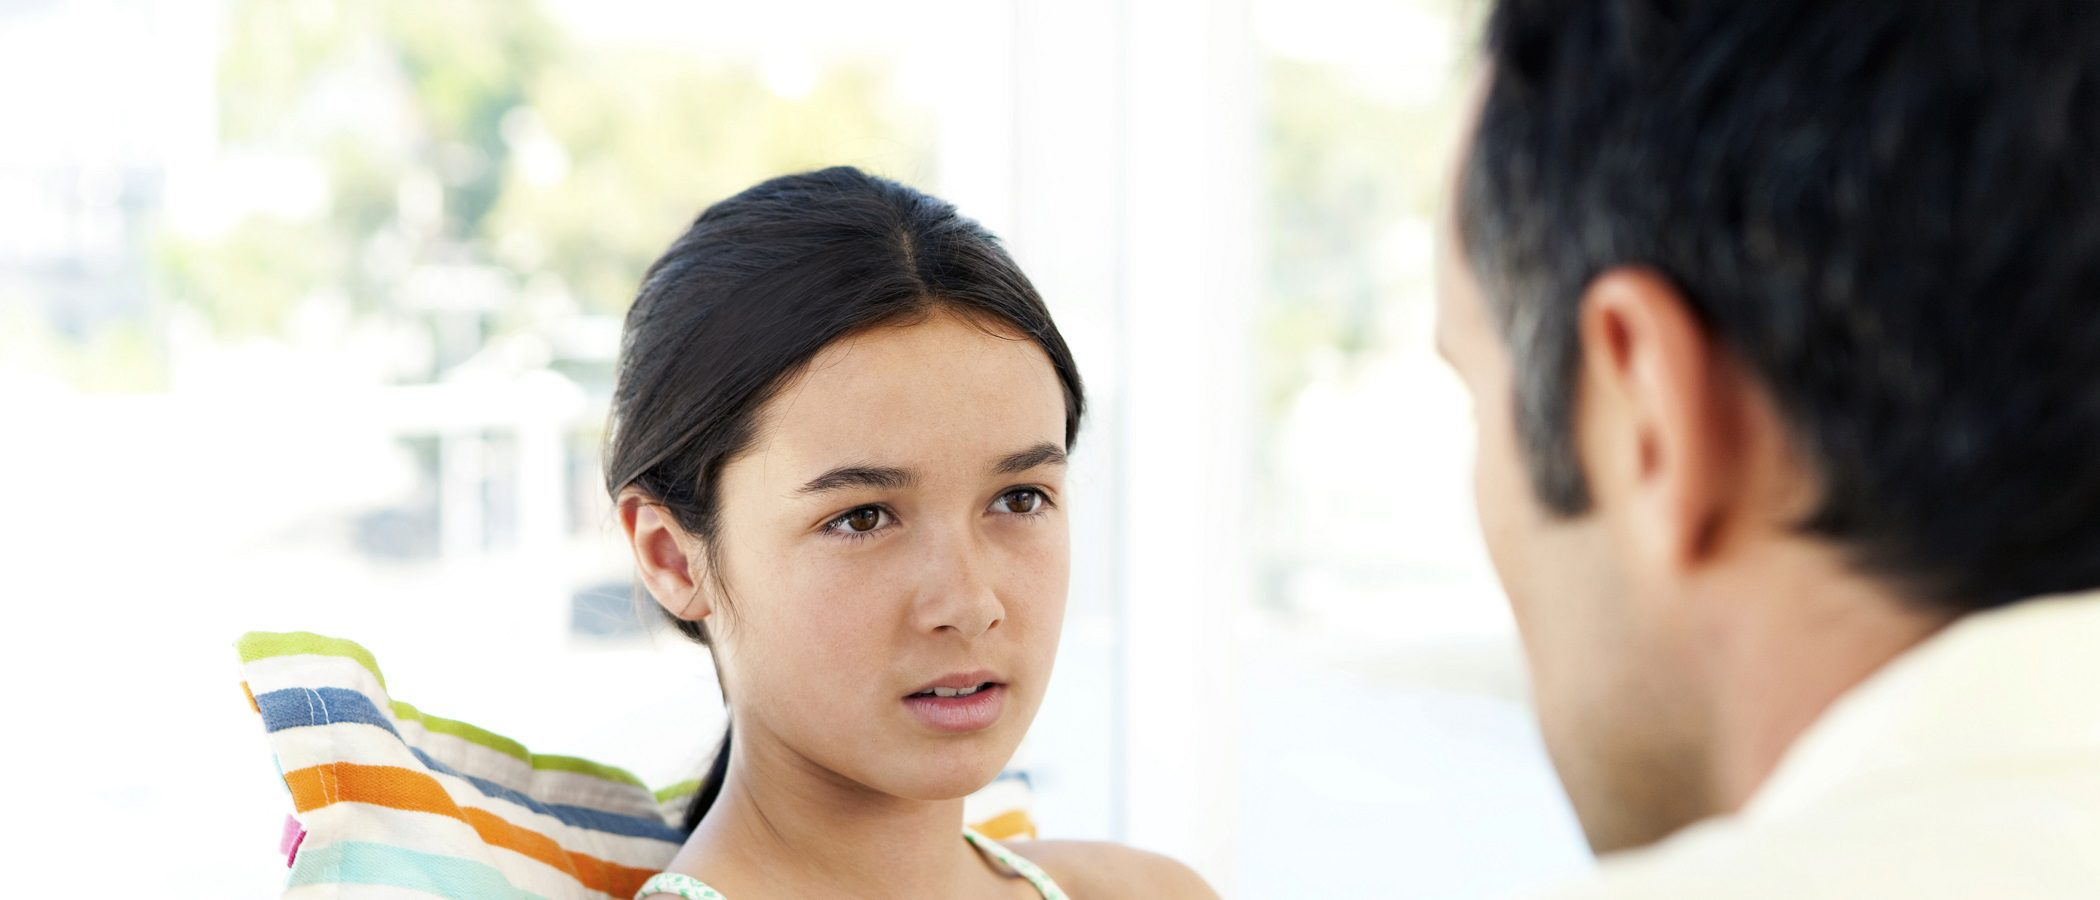 ¿Debes decir a tus hijos que tienes cáncer?